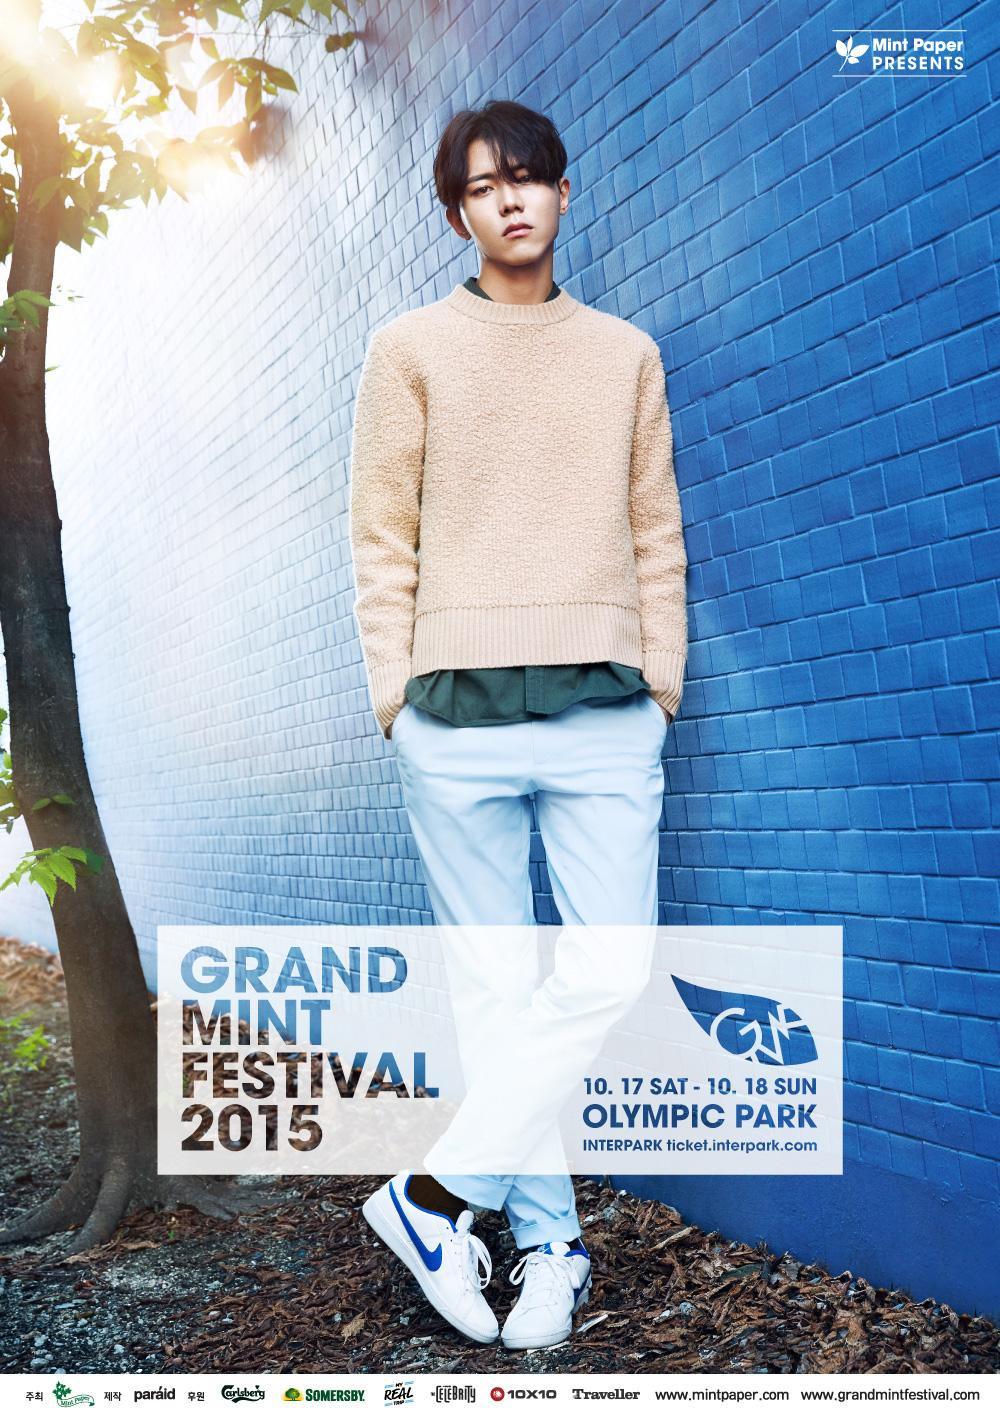 festival guy grand mint festival 2015